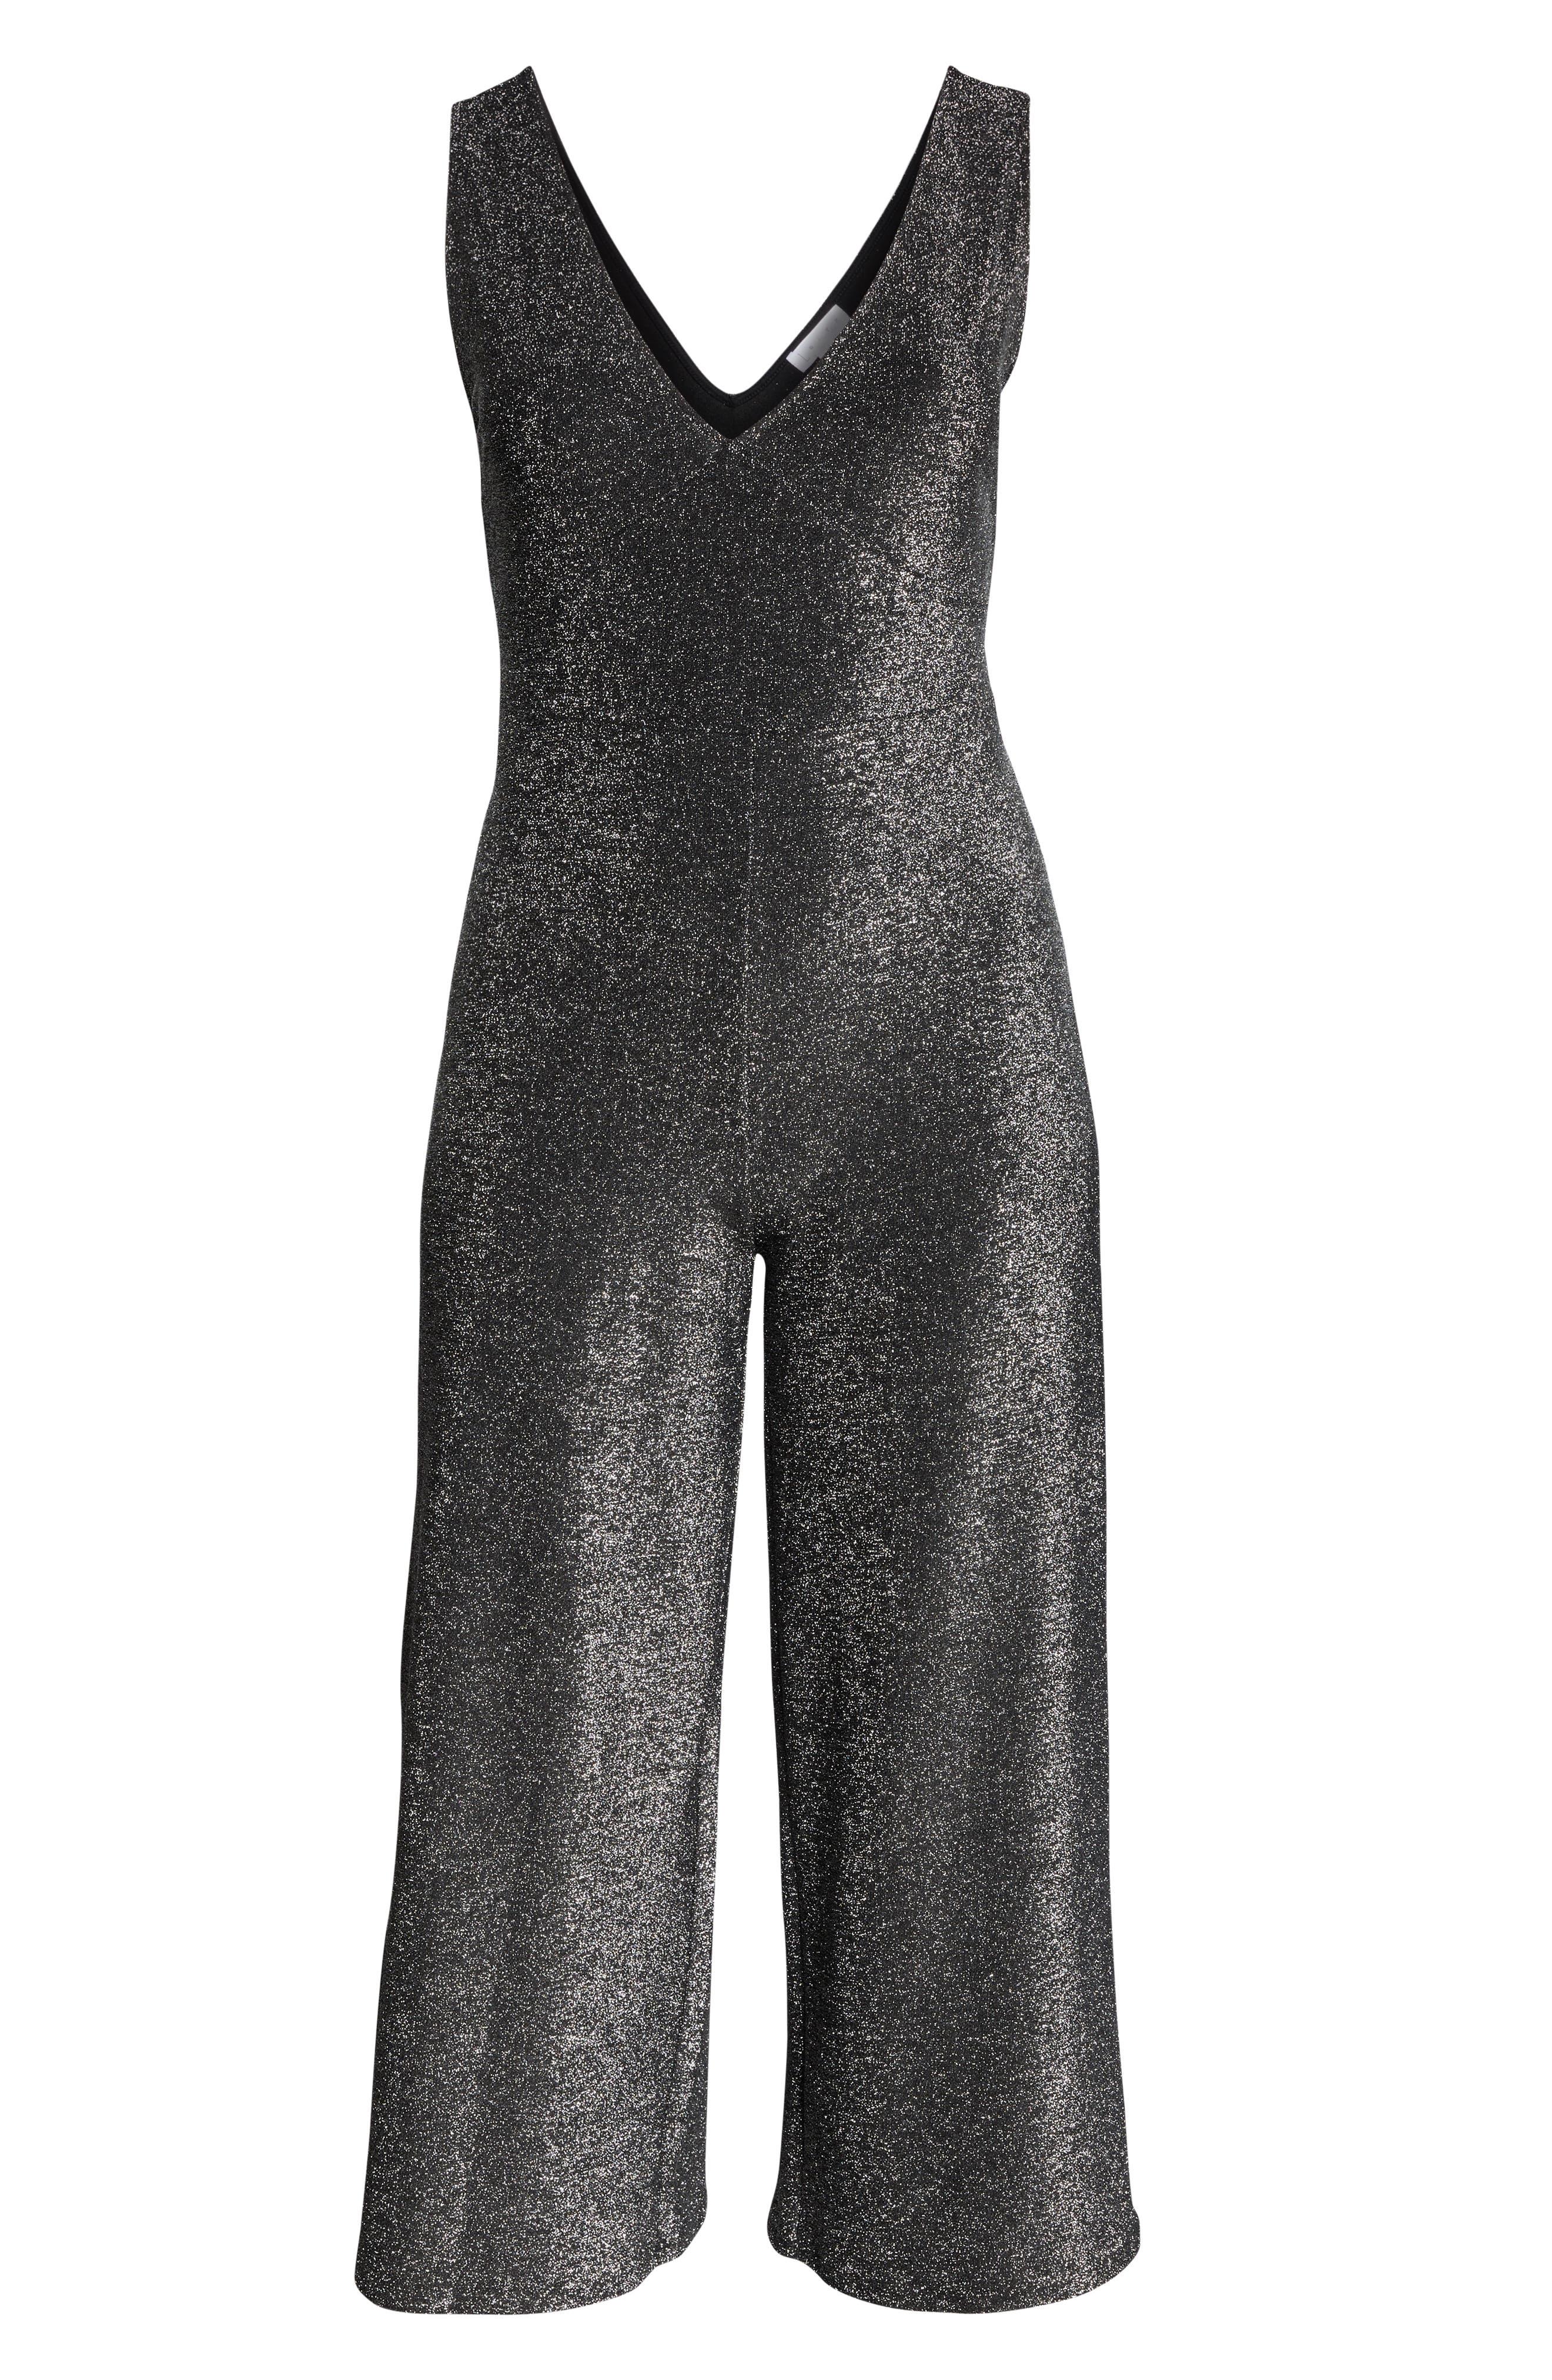 Metallic Crop Wide Leg Jumpsuit,                             Alternate thumbnail 7, color,                             040